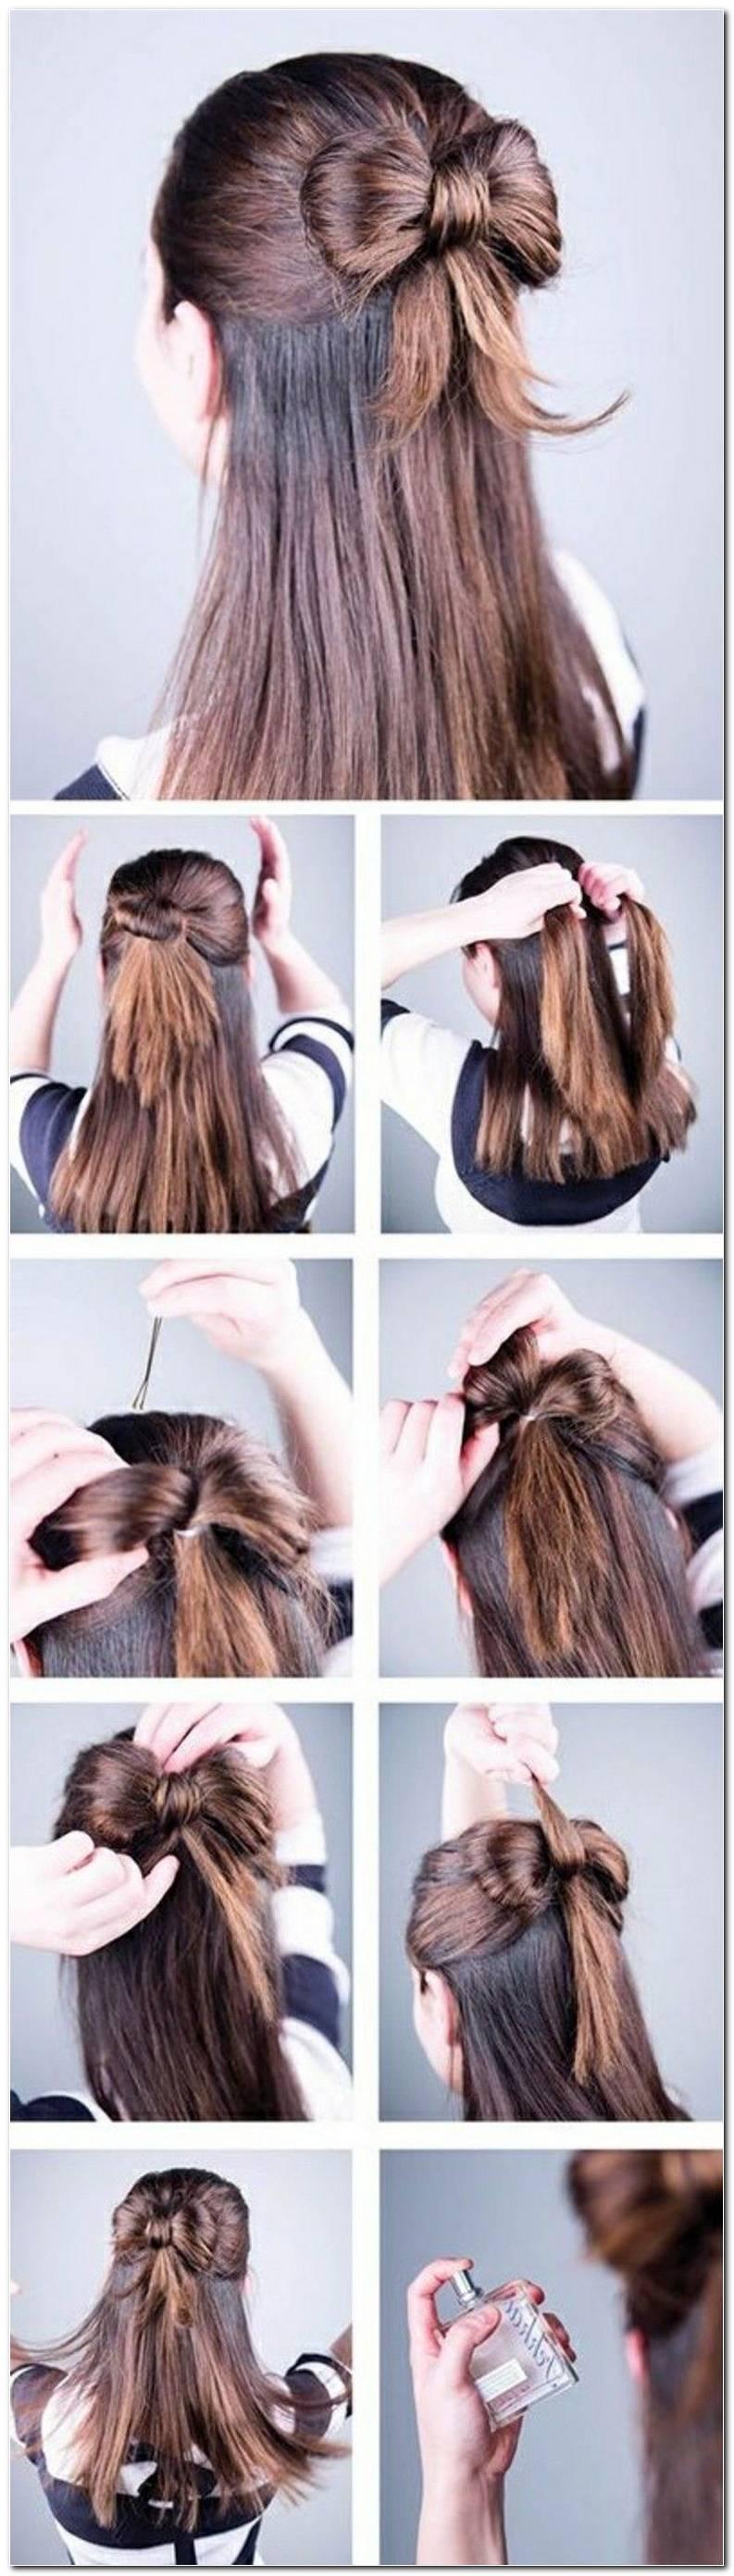 Schnelle SchöNe Frisuren Selber Machen